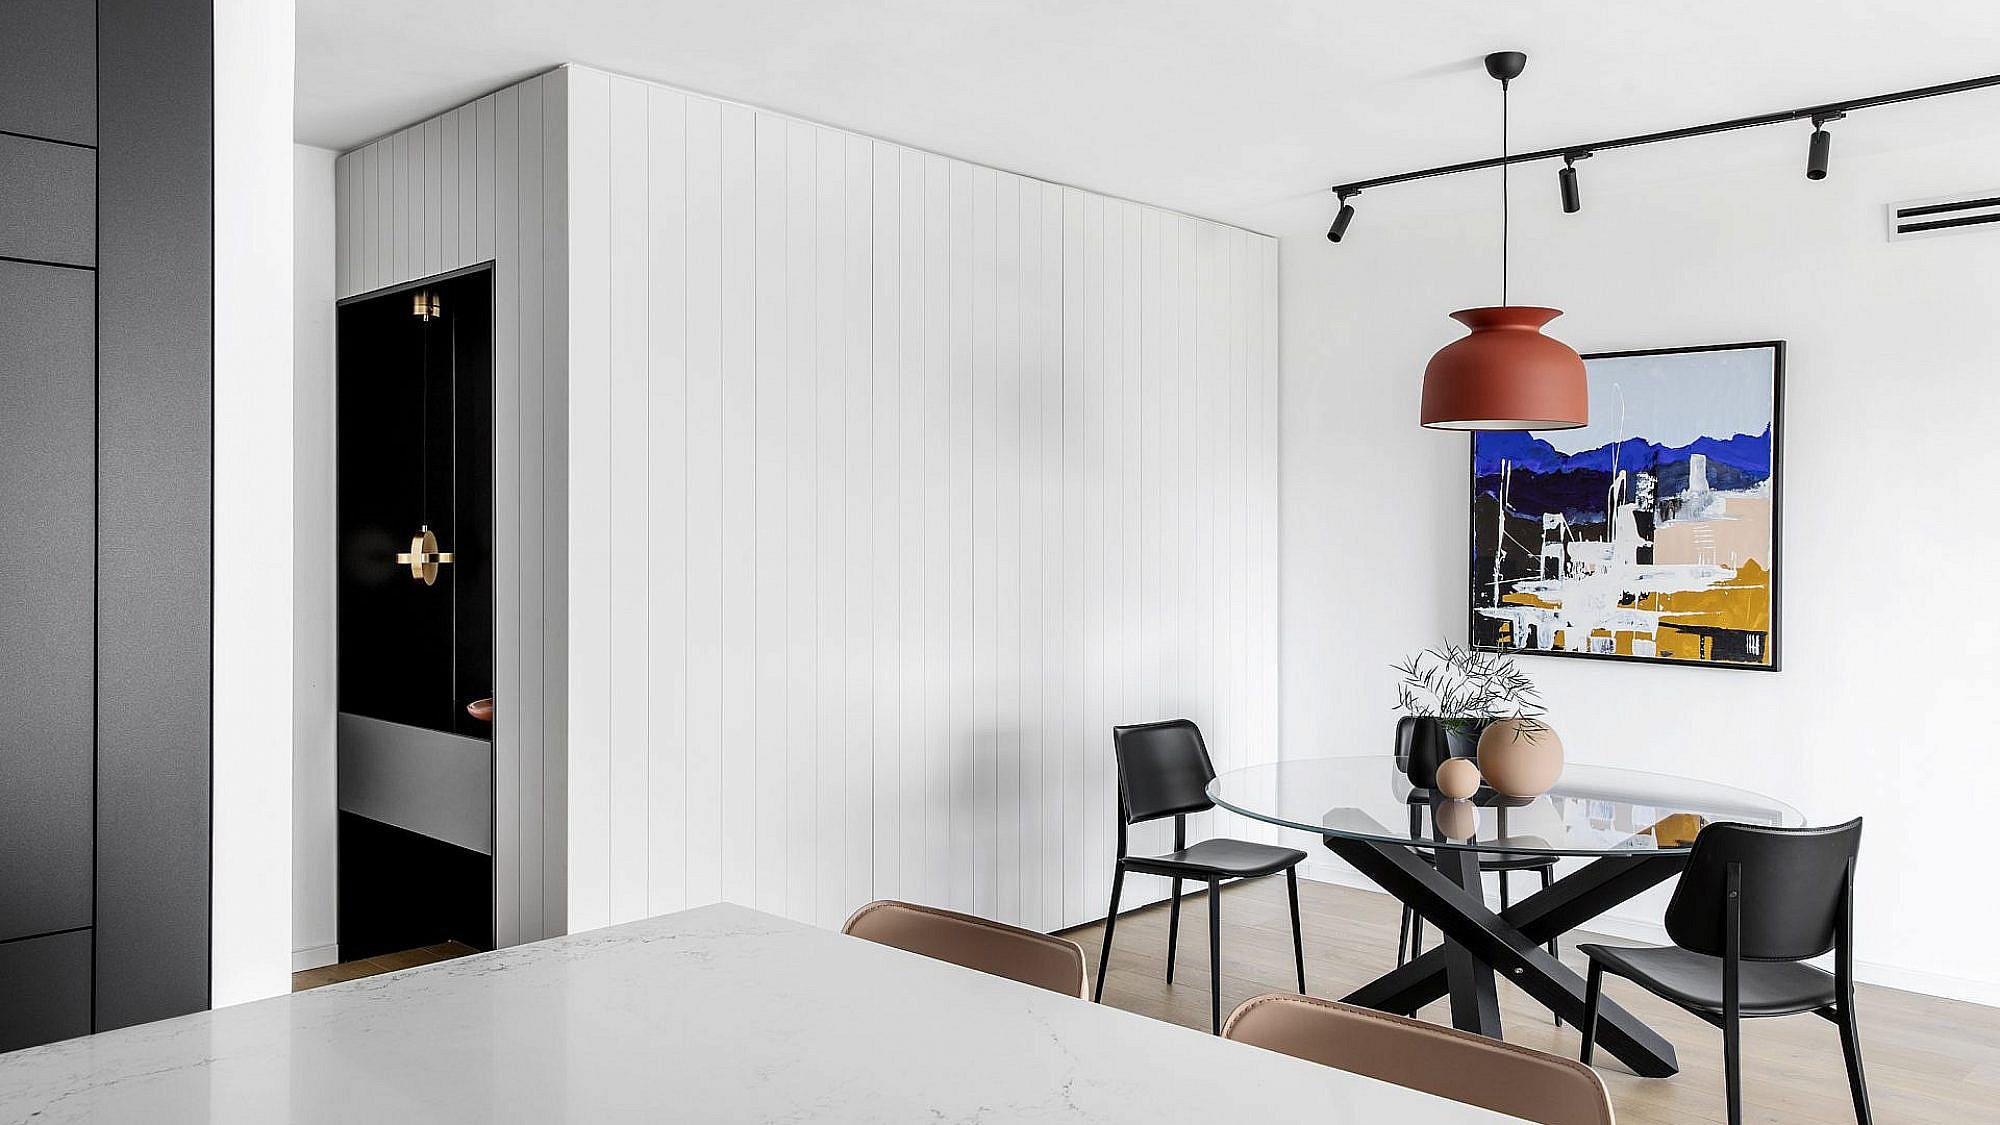 דירה בשכונת ל' בתל אביב | עיצוב פנים: מאיה שינברגר, צילום: איתי בנית